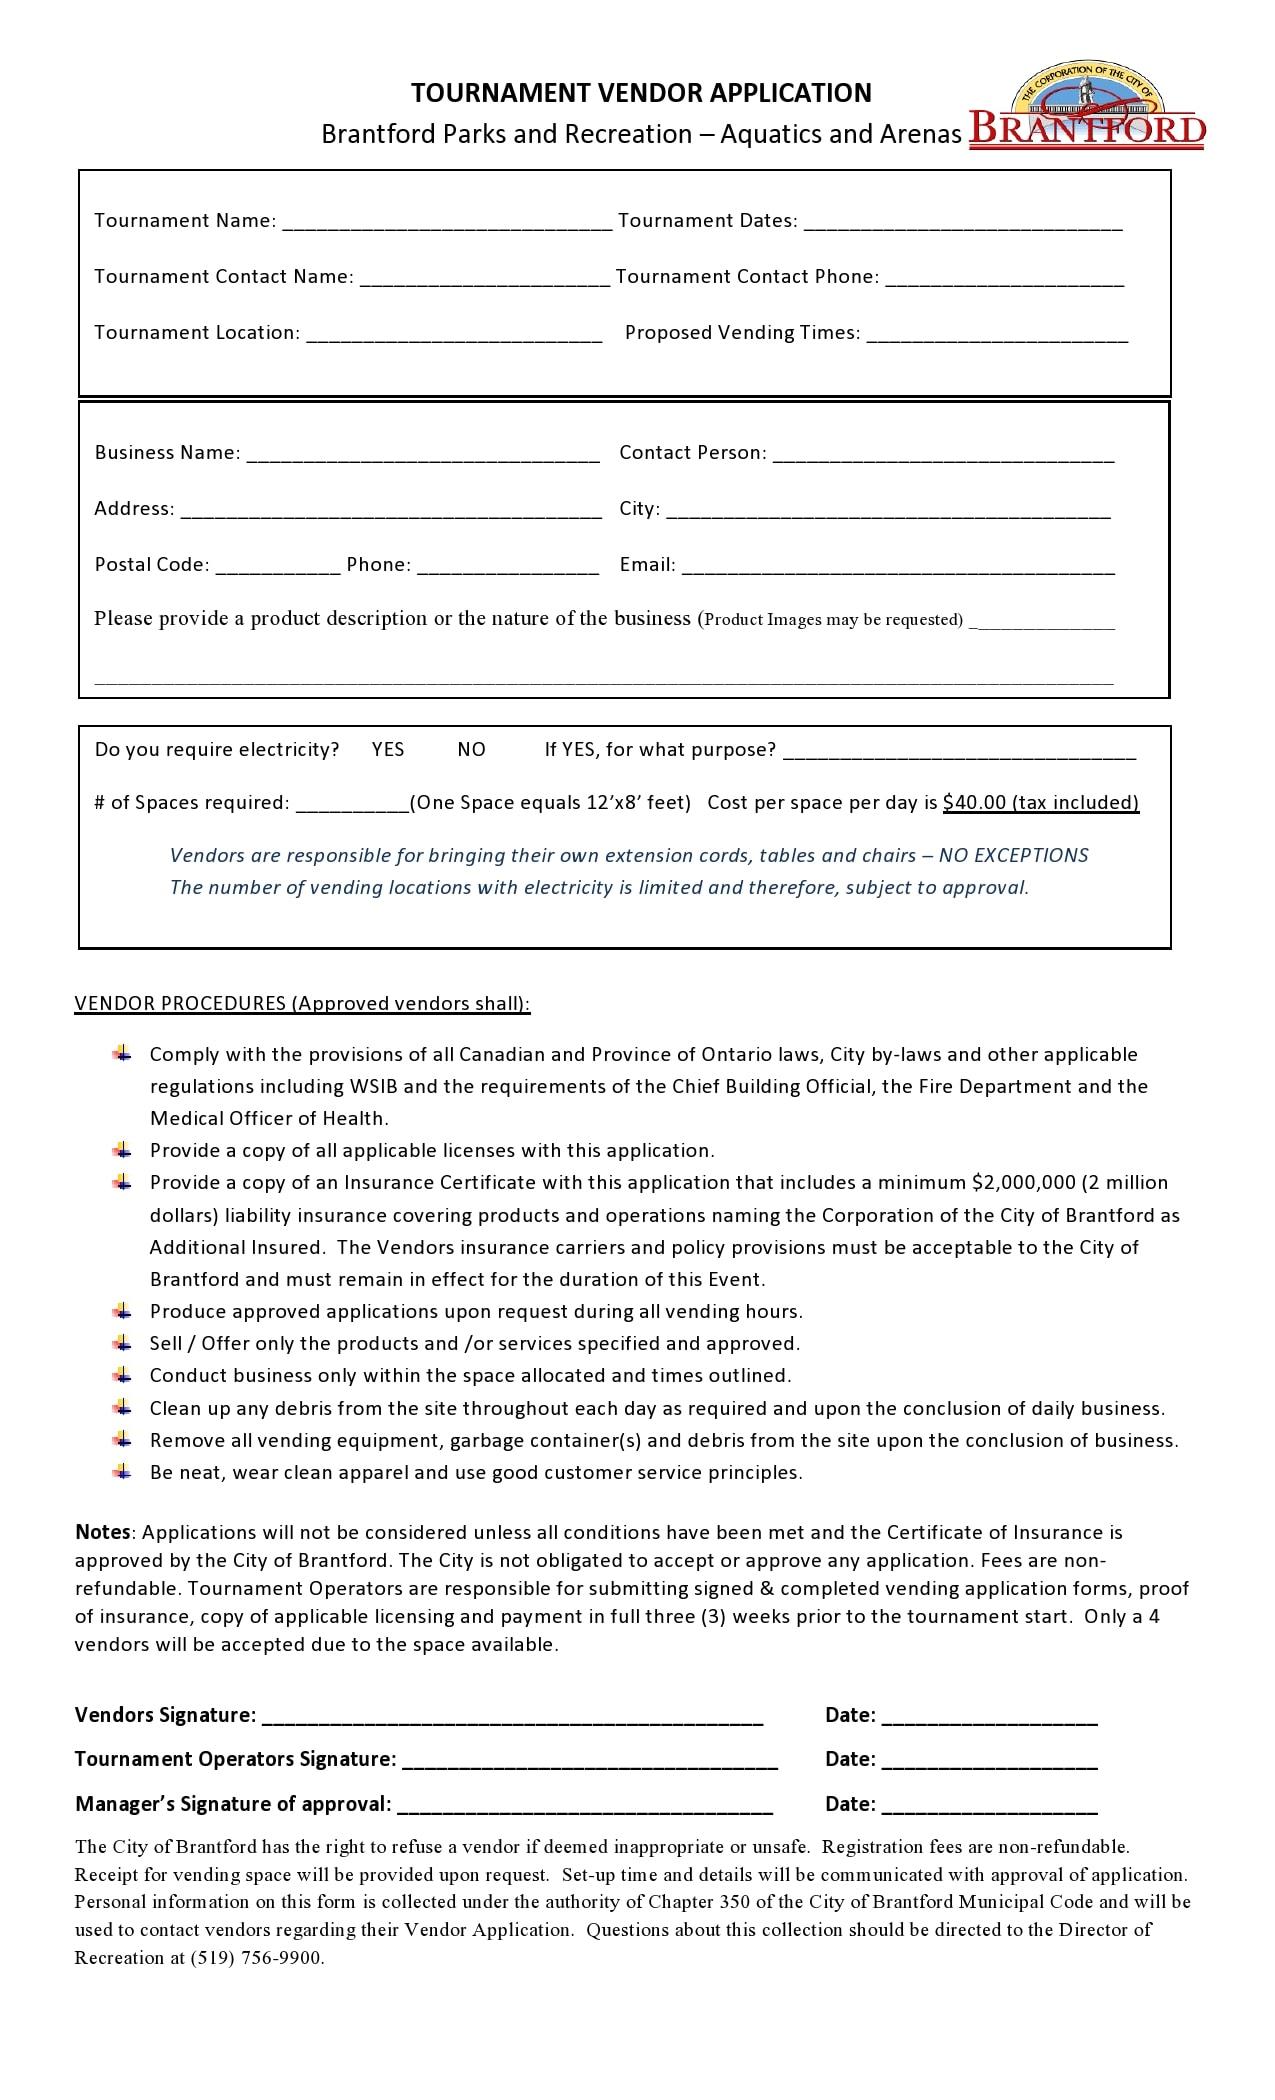 vendor application form 09